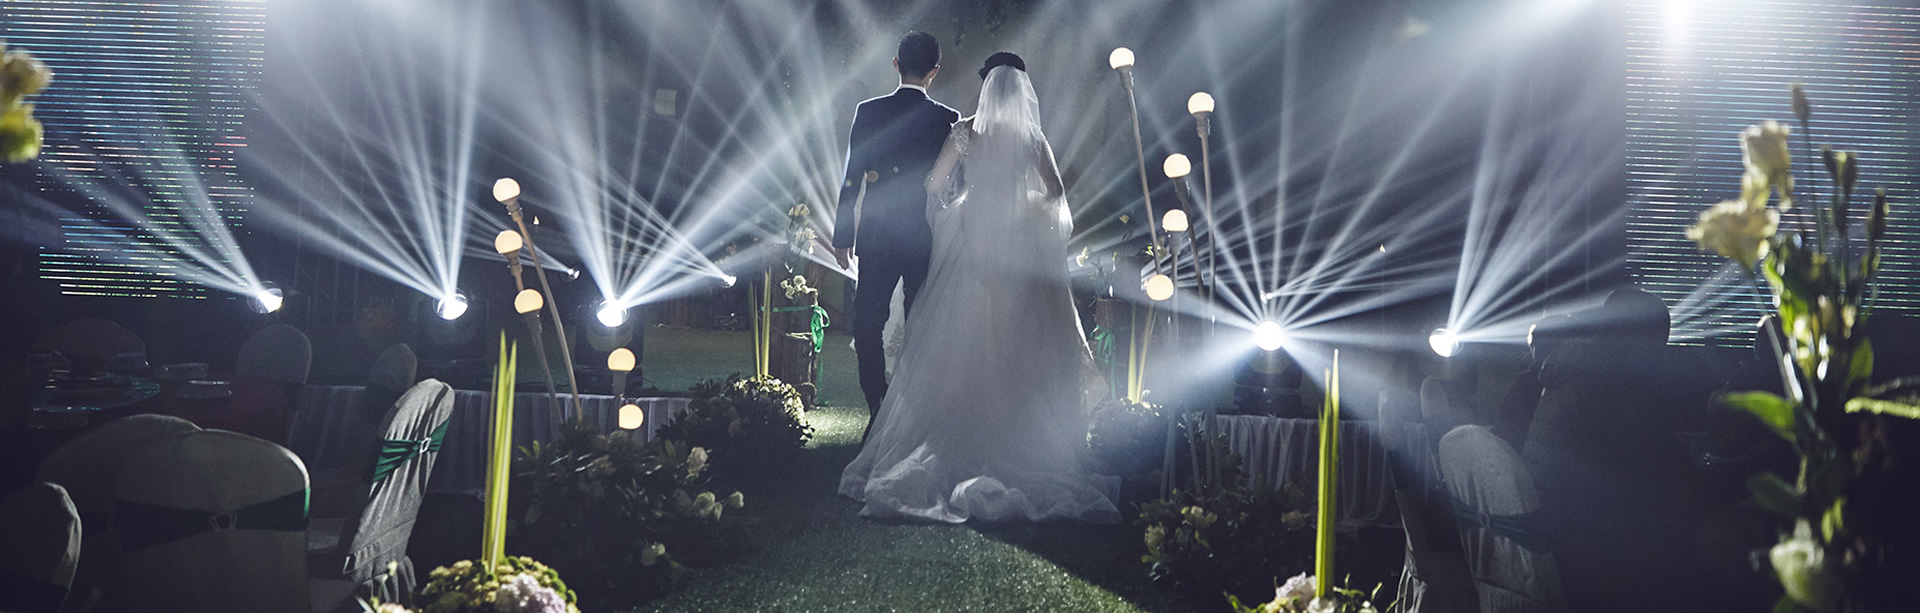 咸陽高端定制婚禮